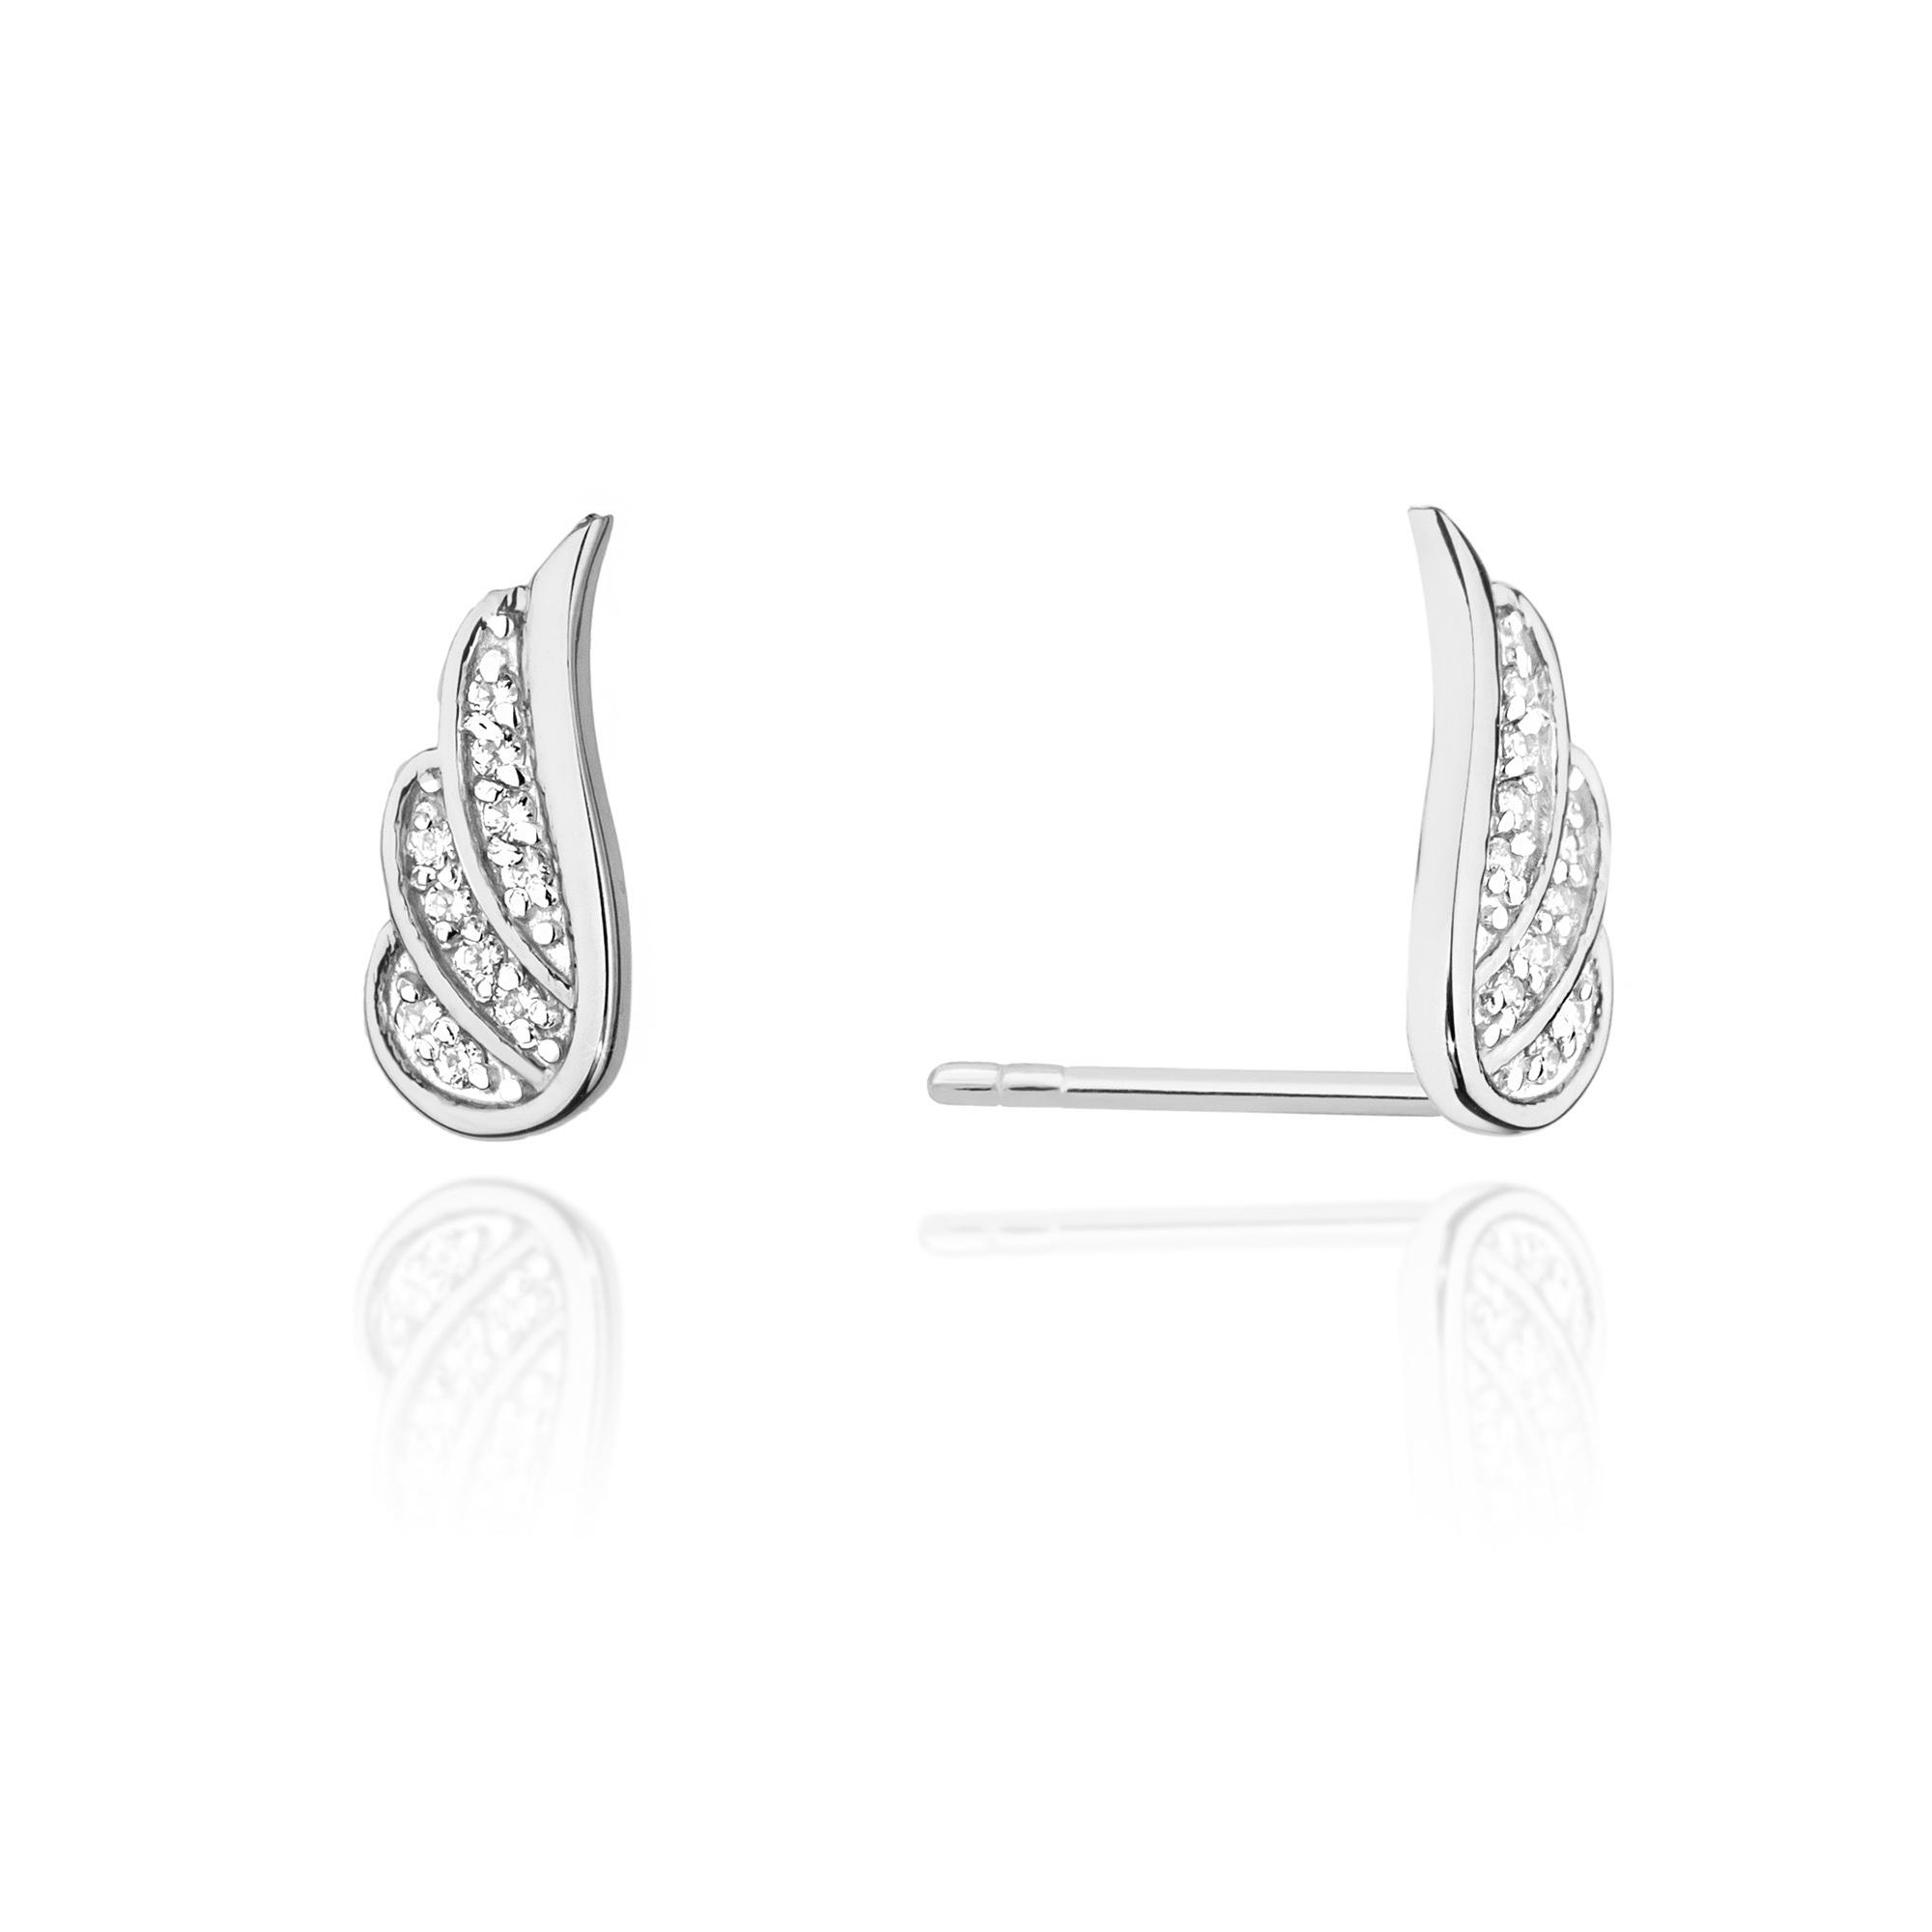 Diamantové náušnice křídla, bílé zlato a brilianty CK-002-WG